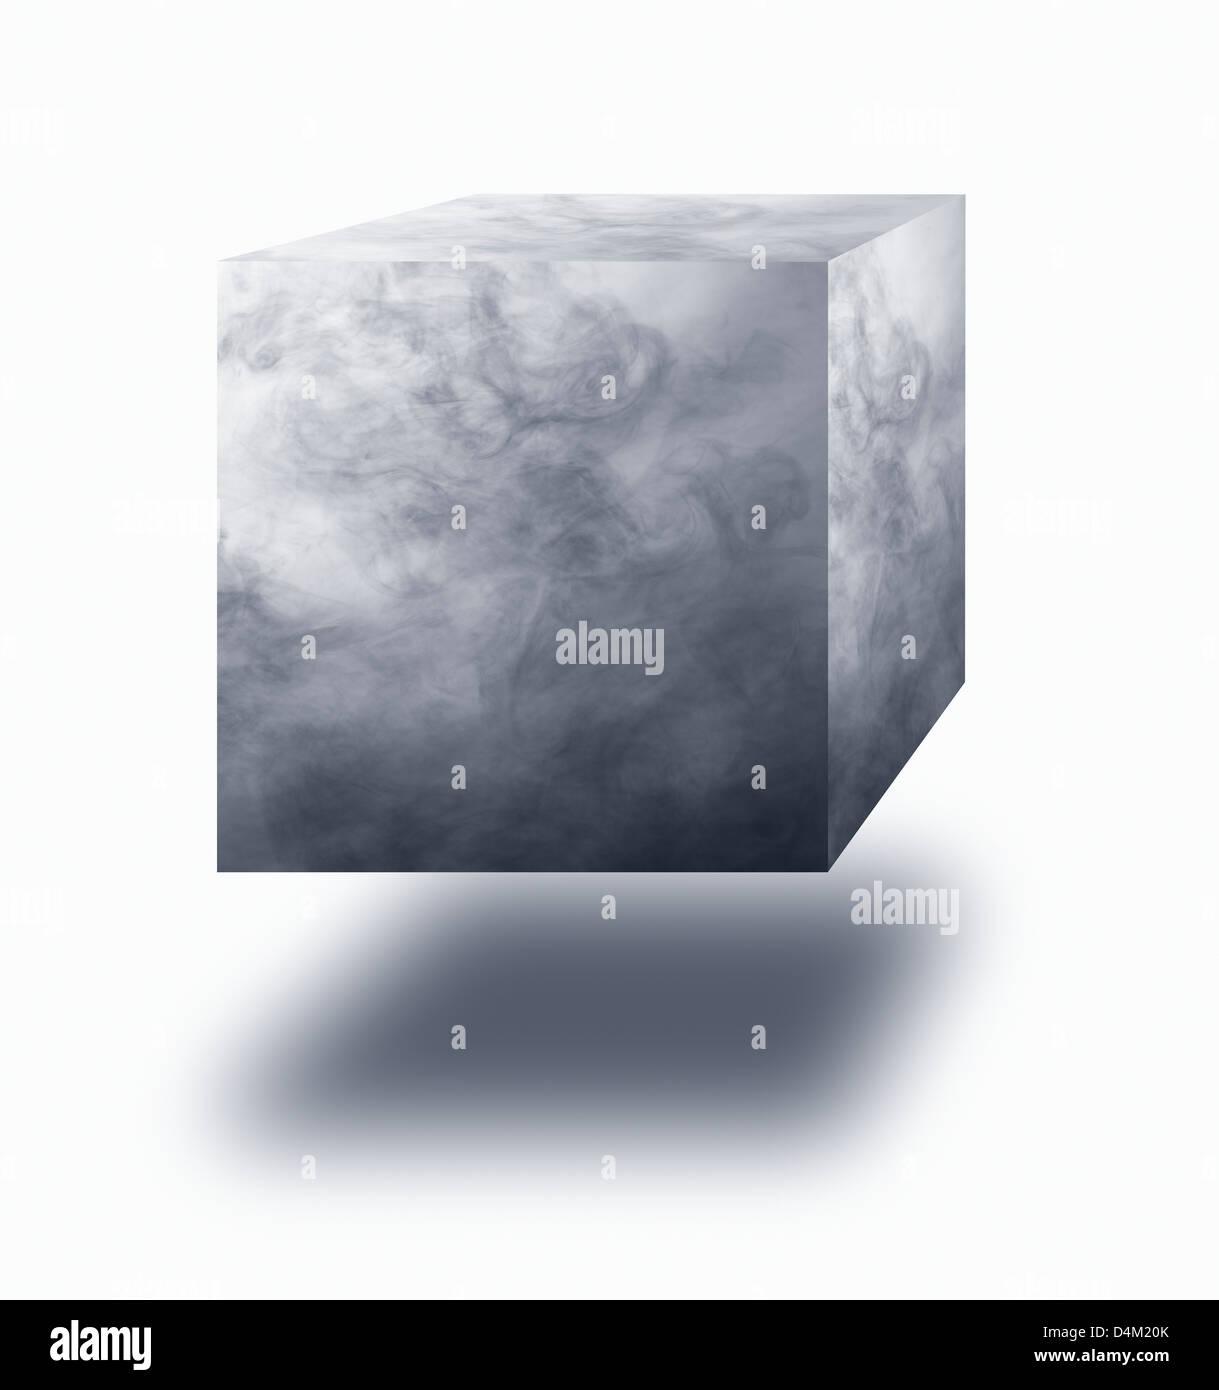 Wasserdampf in der Luft schwebender Würfel auf weißem Hintergrund Stockbild